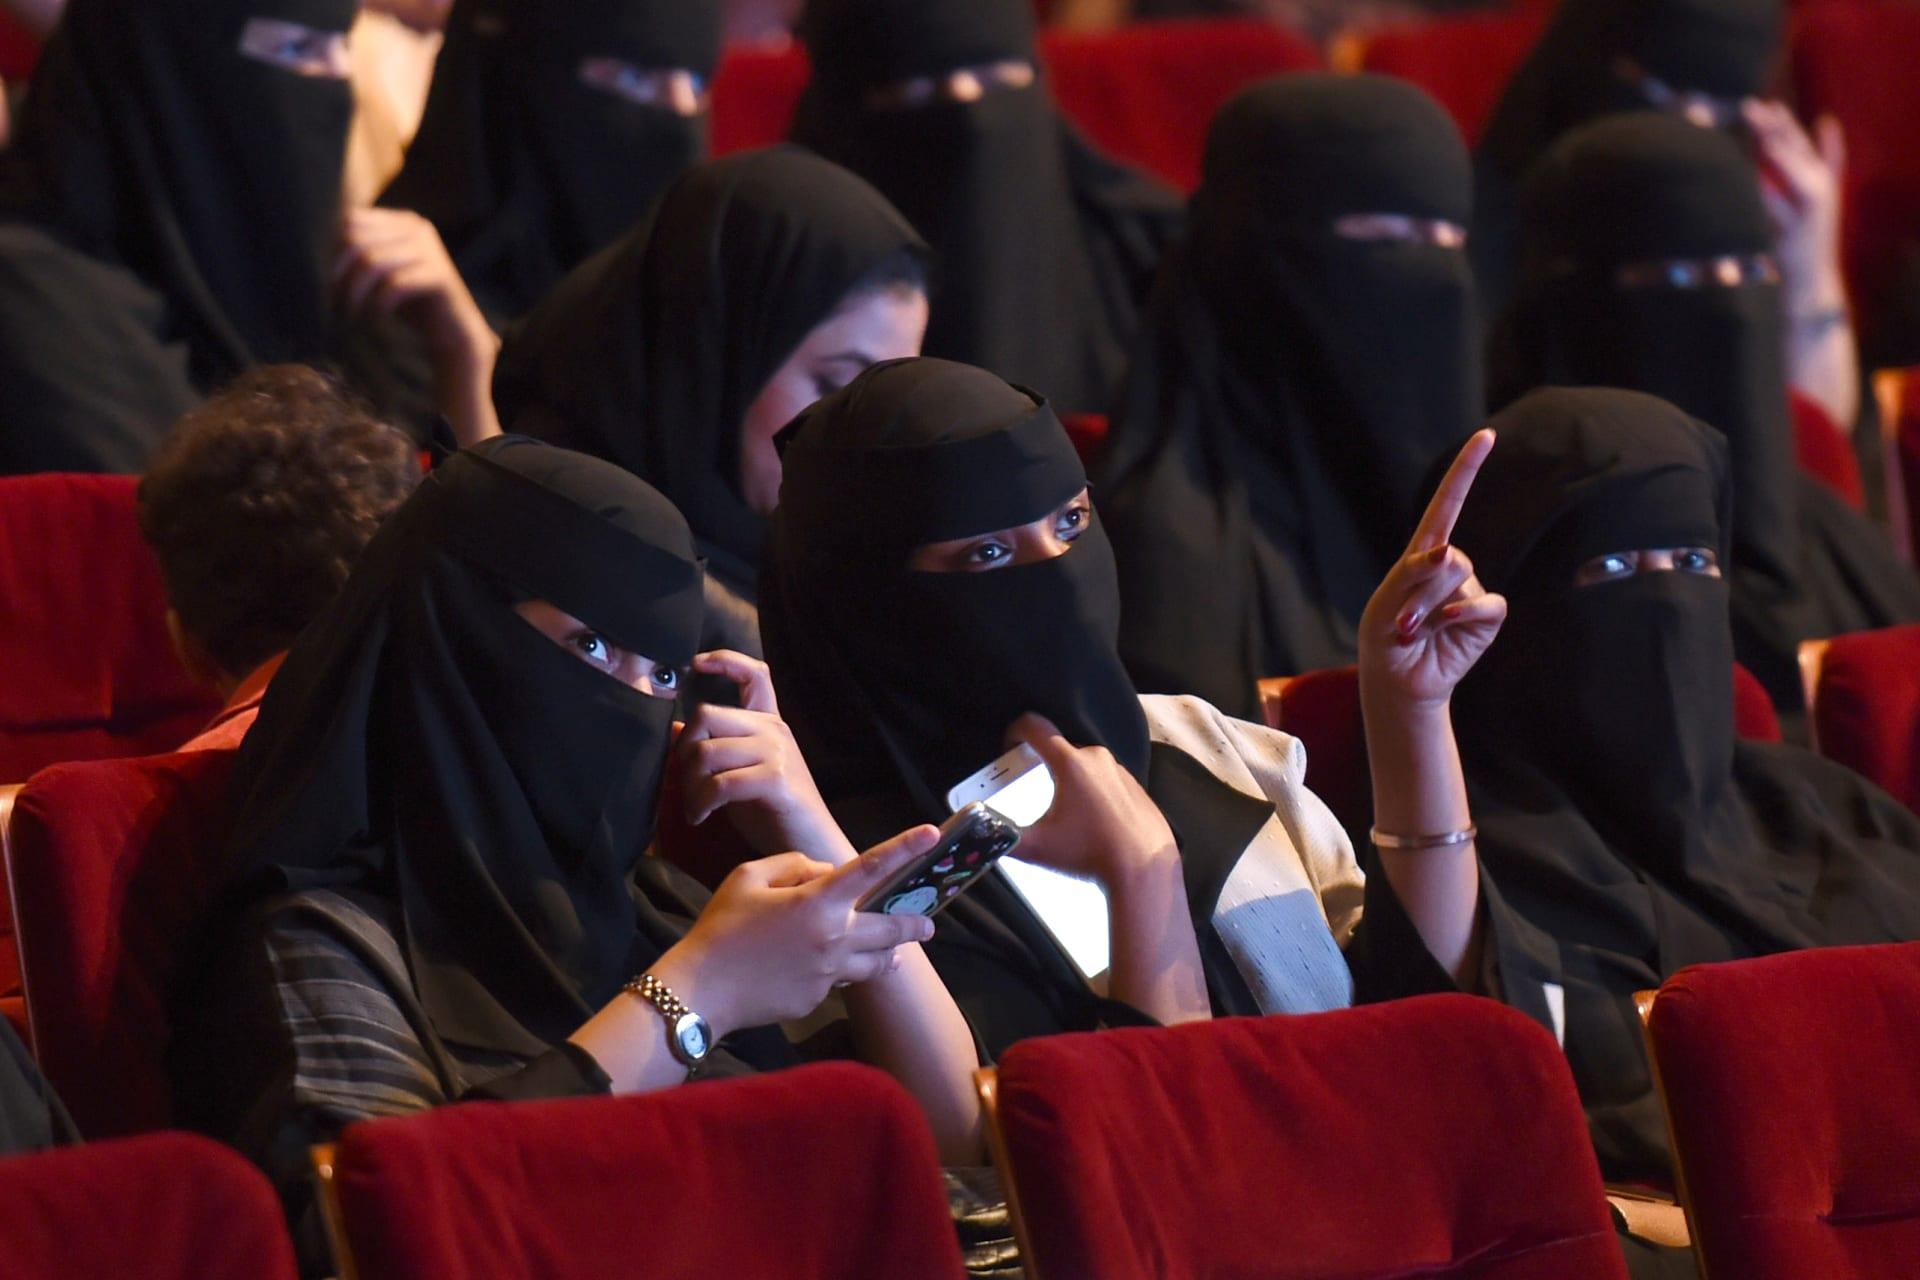 إمام الحرم للنساء عن ولاية الرجل: كوني حرة ولكن